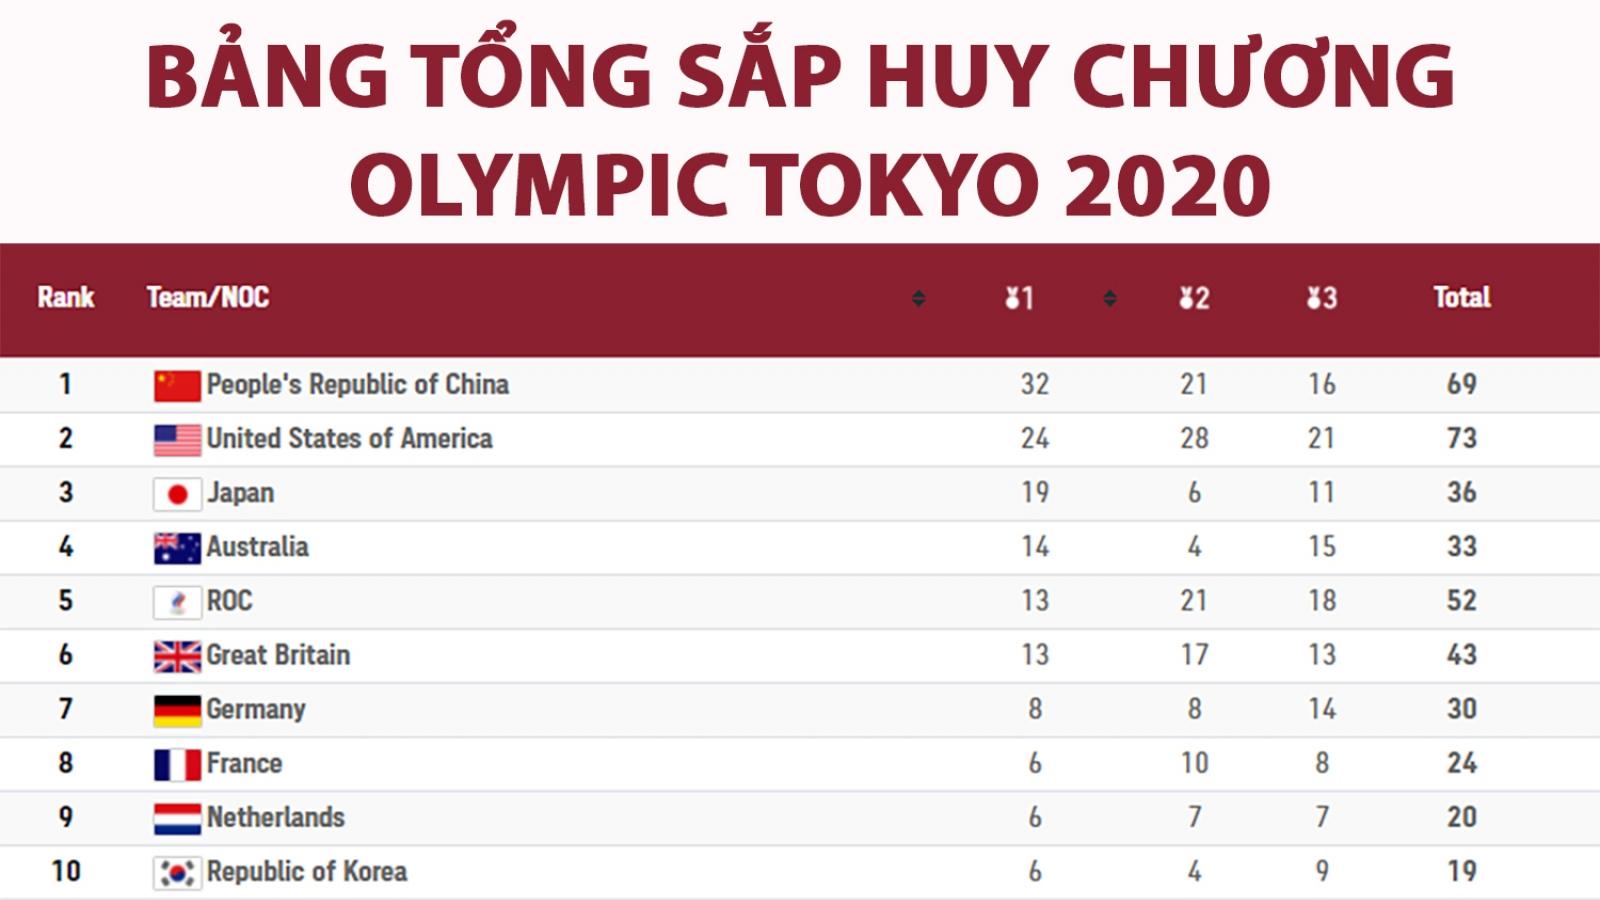 Bảng tổng sắp huy chương Olympic Tokyo 2020 ngày 4-8: Trung Quốc bỏ xa Mỹ